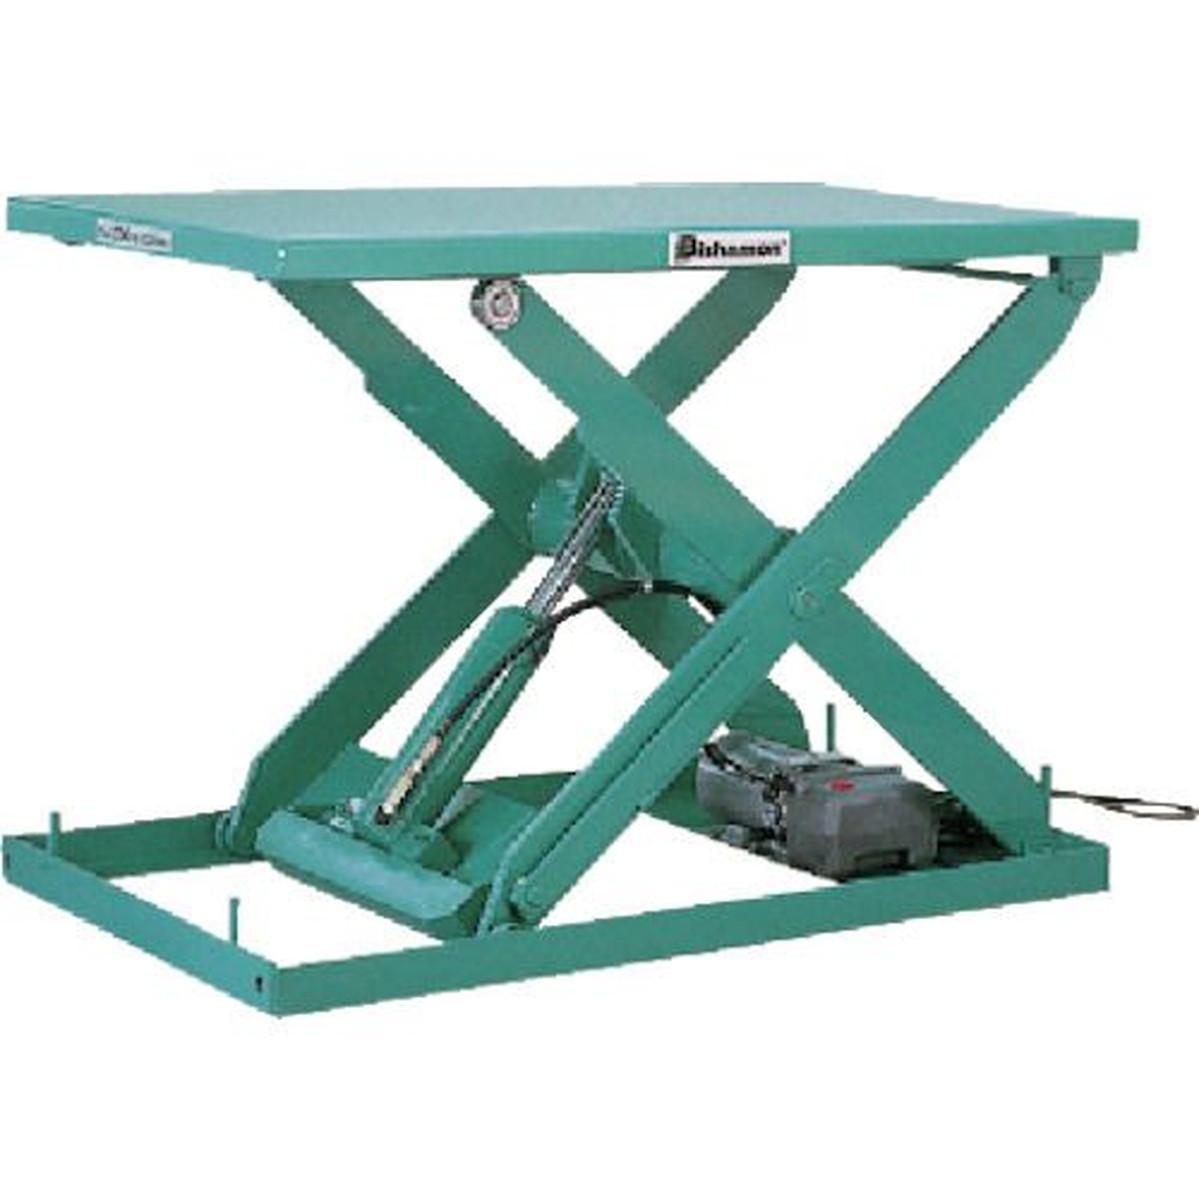 【着後レビューで 送料無料】 ビシャモン テーブルリフト 3TON 均等荷重3000kg ストローク1000mm 1台, 睦沢町 9e11178a